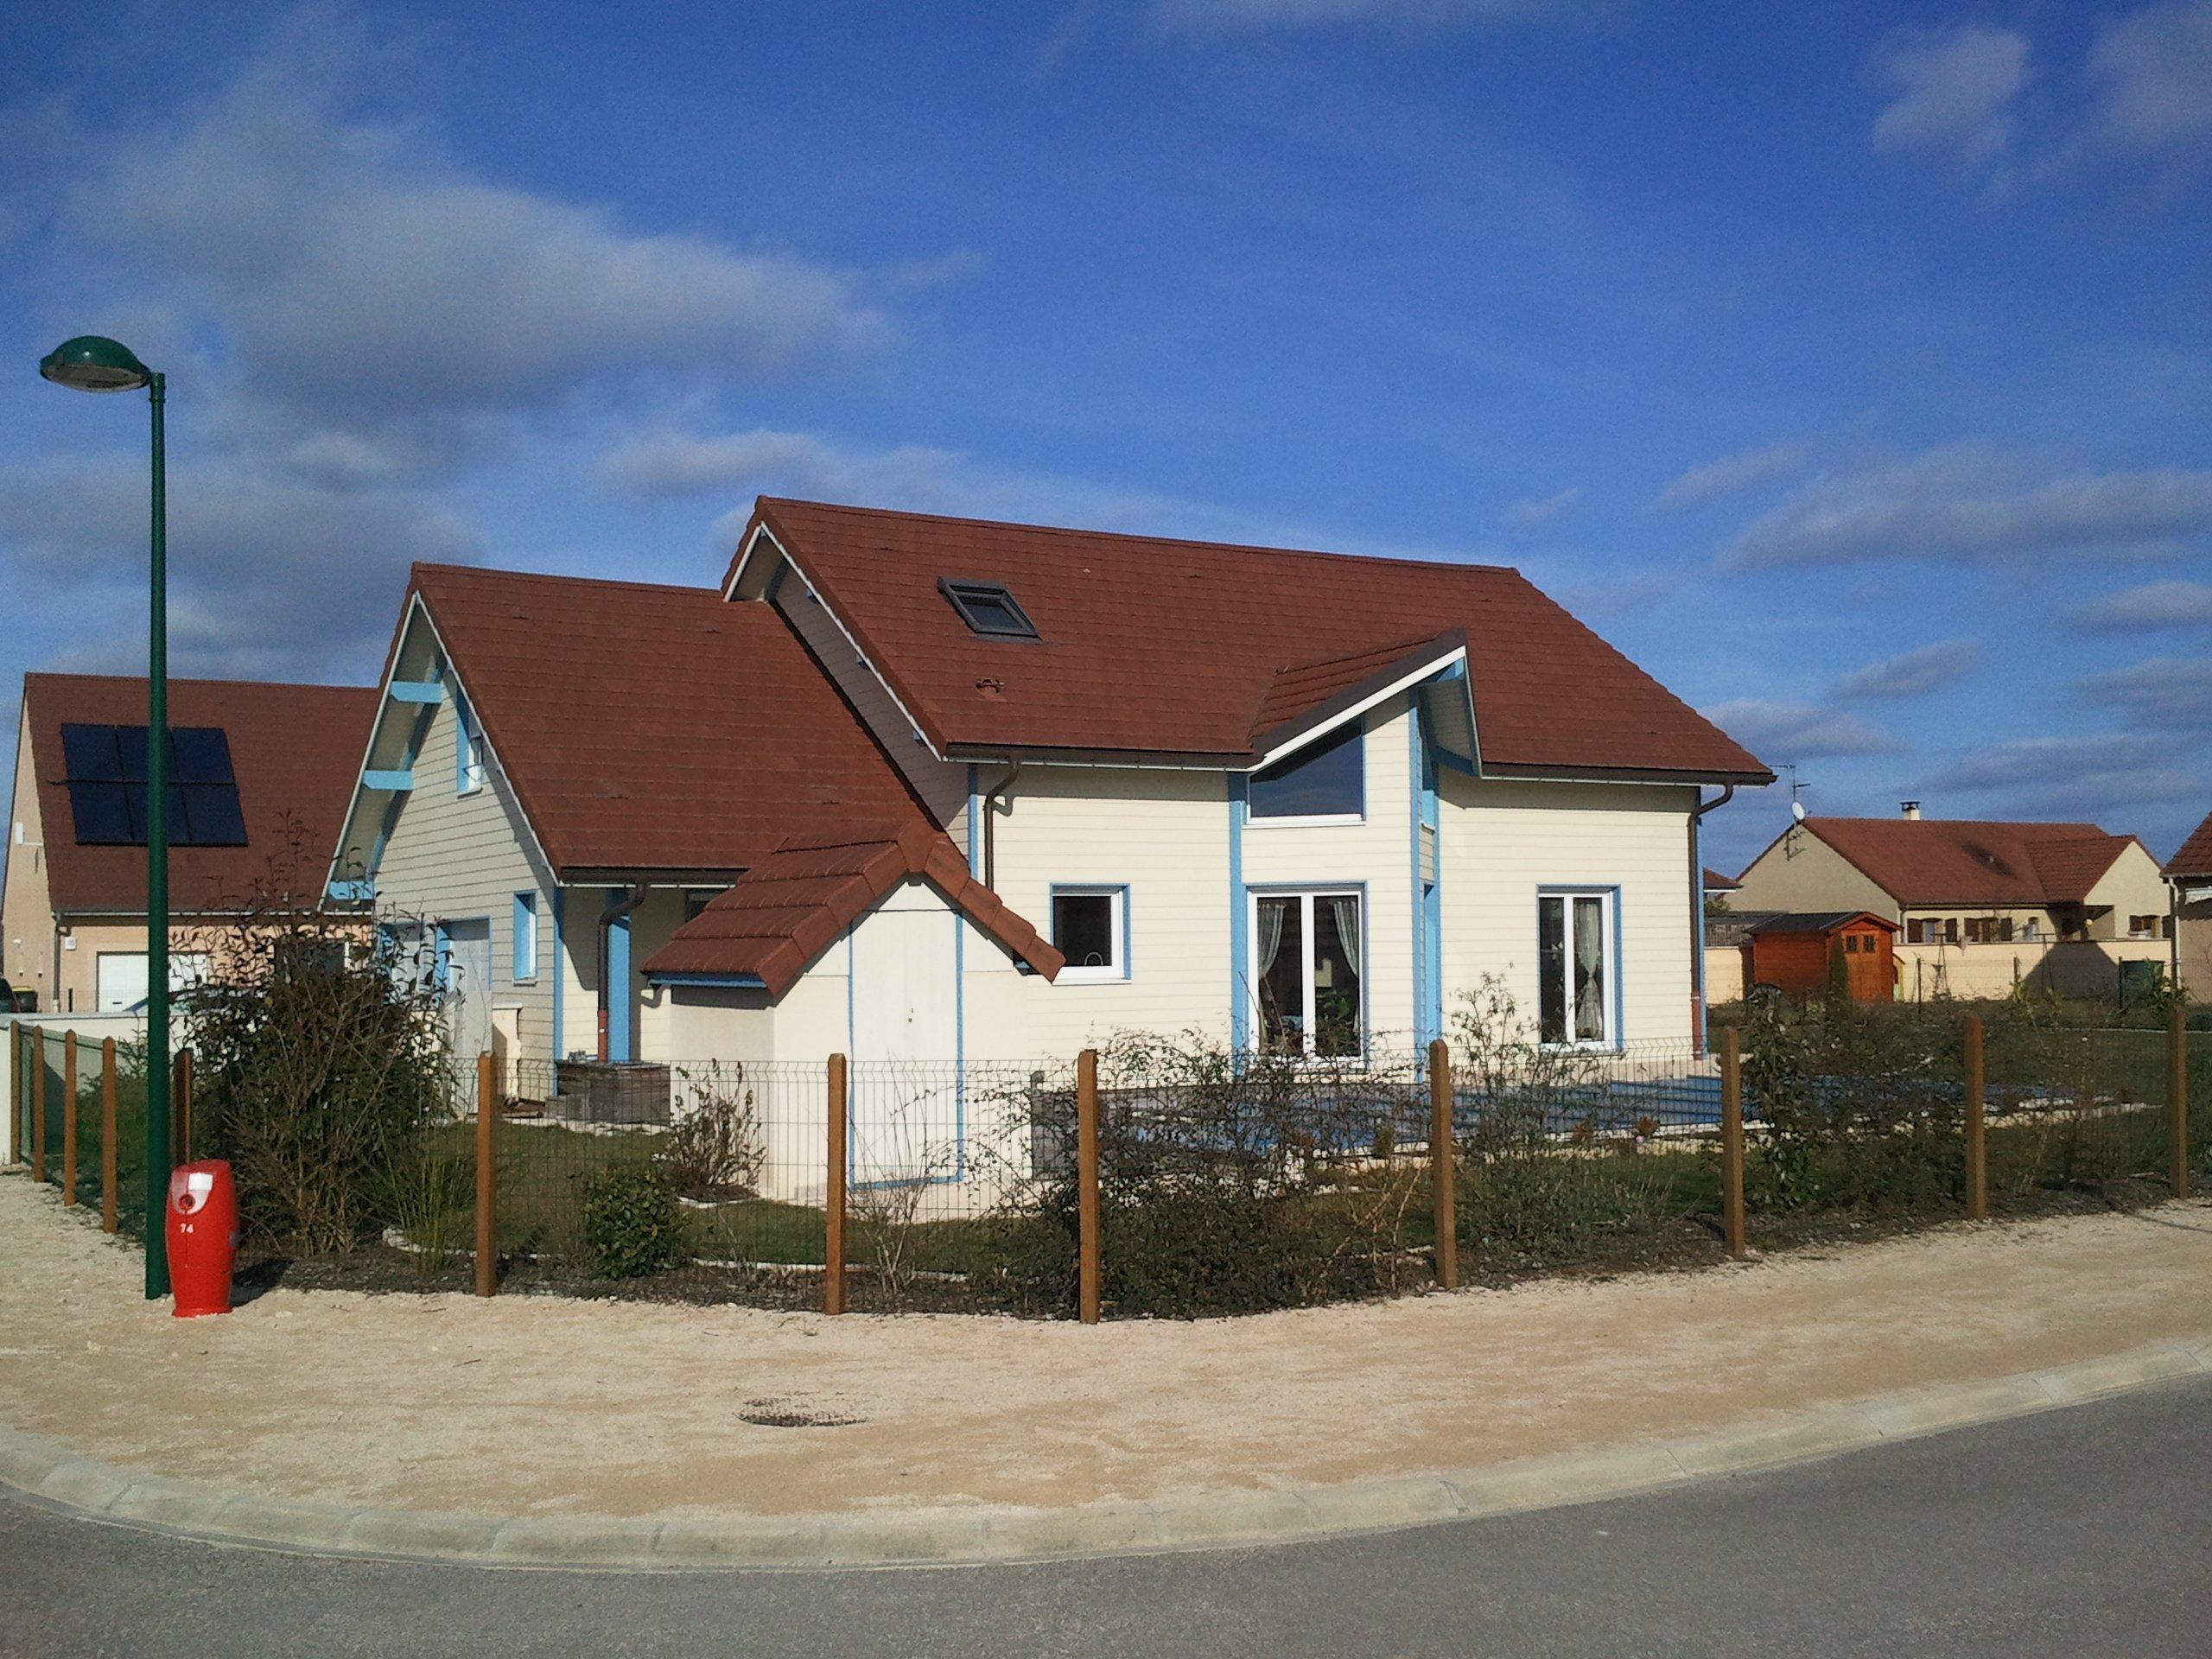 Exterieur vente maison auxonne for Annuler offre achat maison